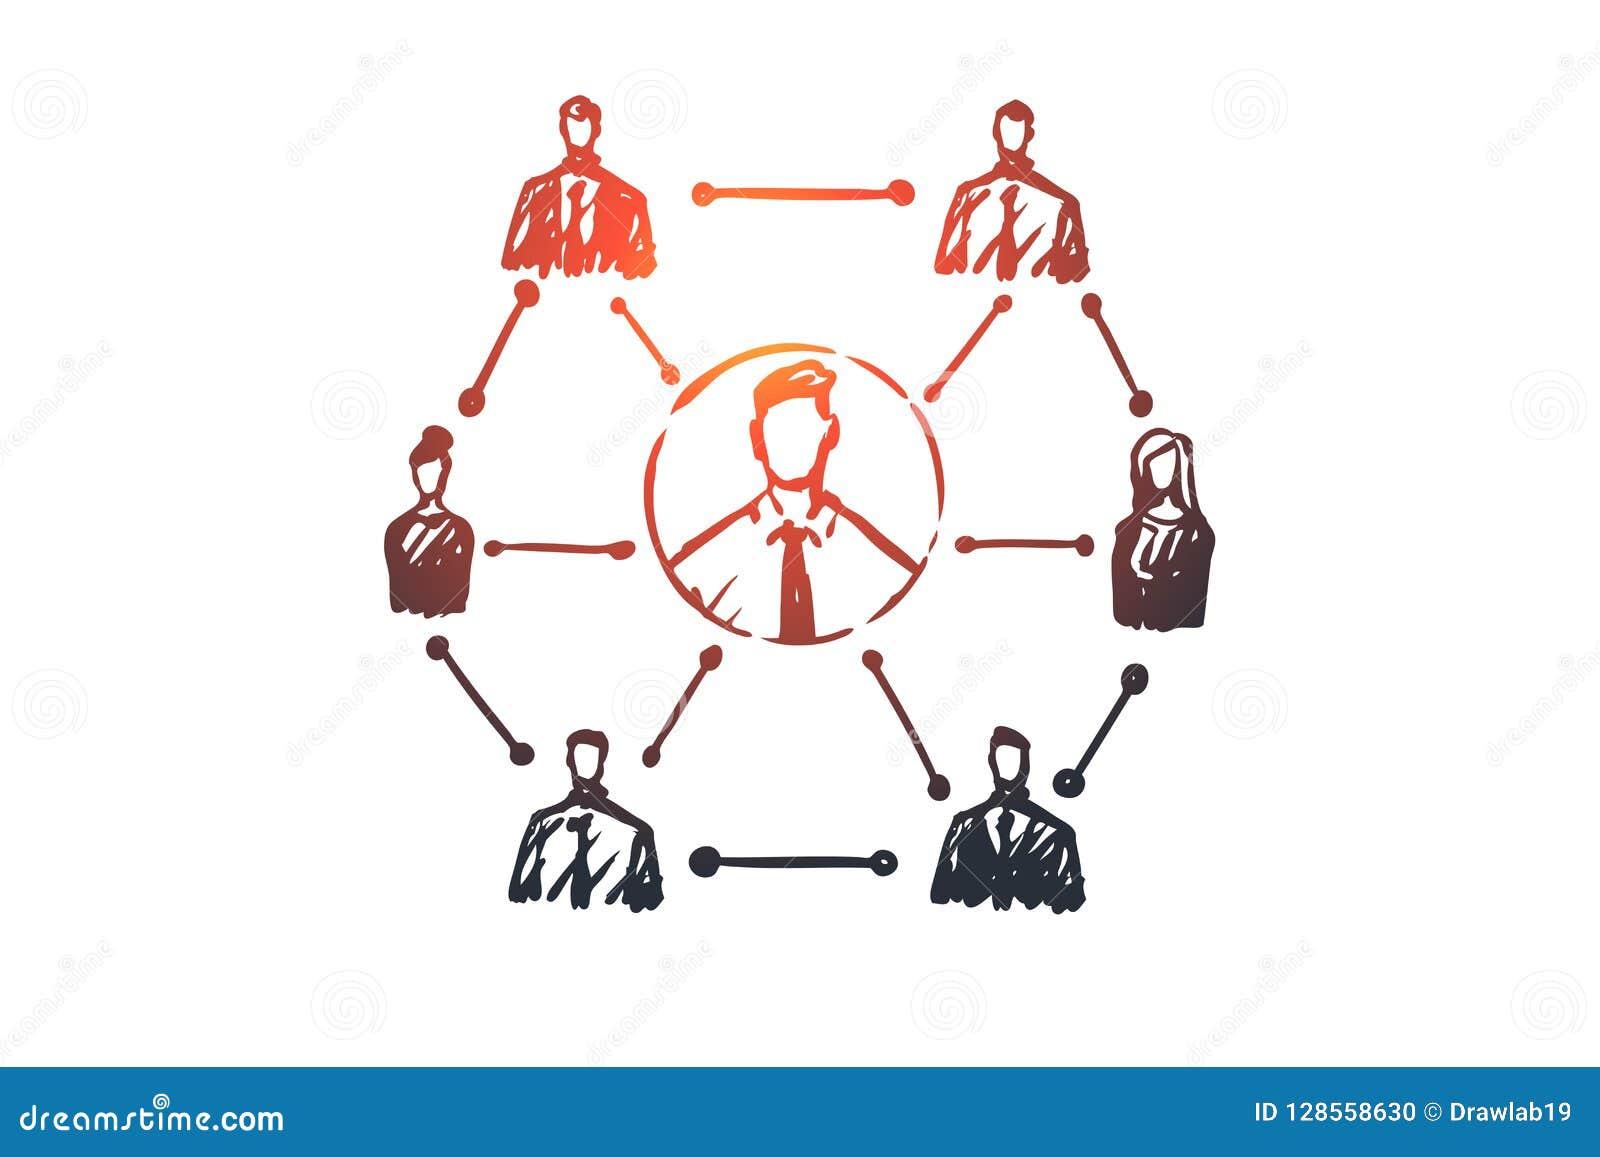 CRM kund, affär, analys som marknadsför begrepp Hand dragen isolerad vektor